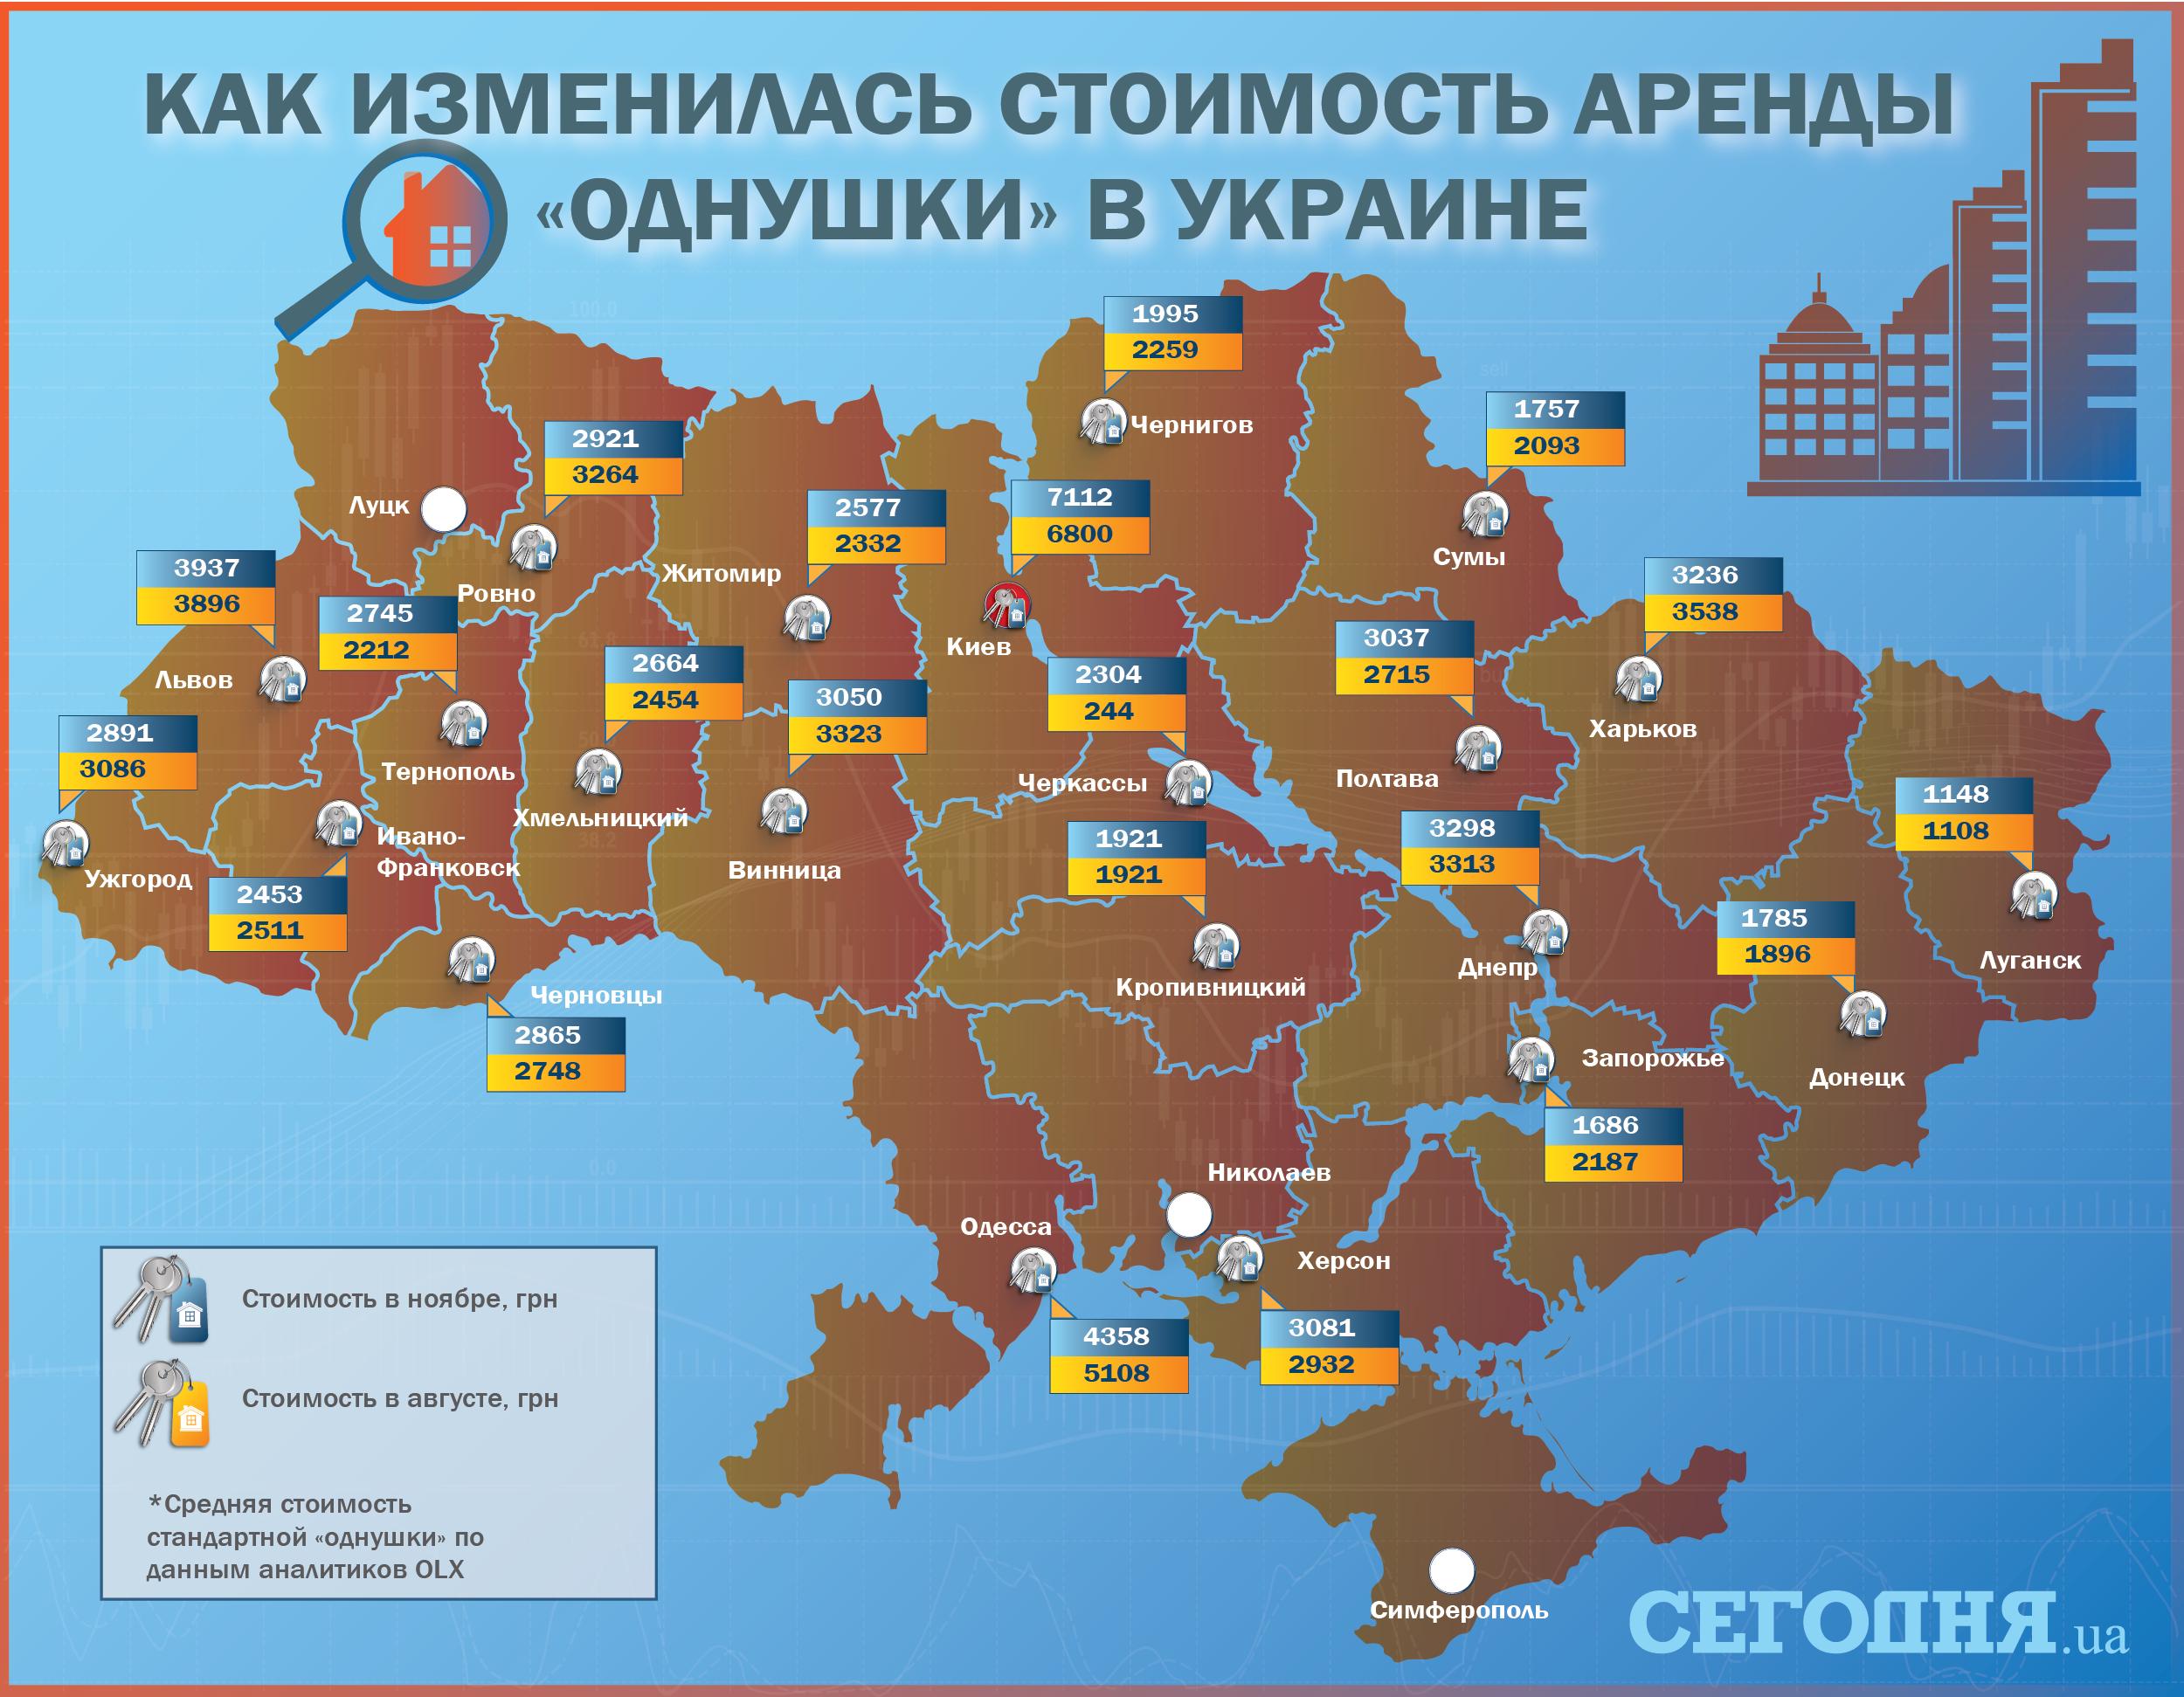 Цена наарендное жилье вгосударстве Украина из-за поднятия коммуналки снизилась